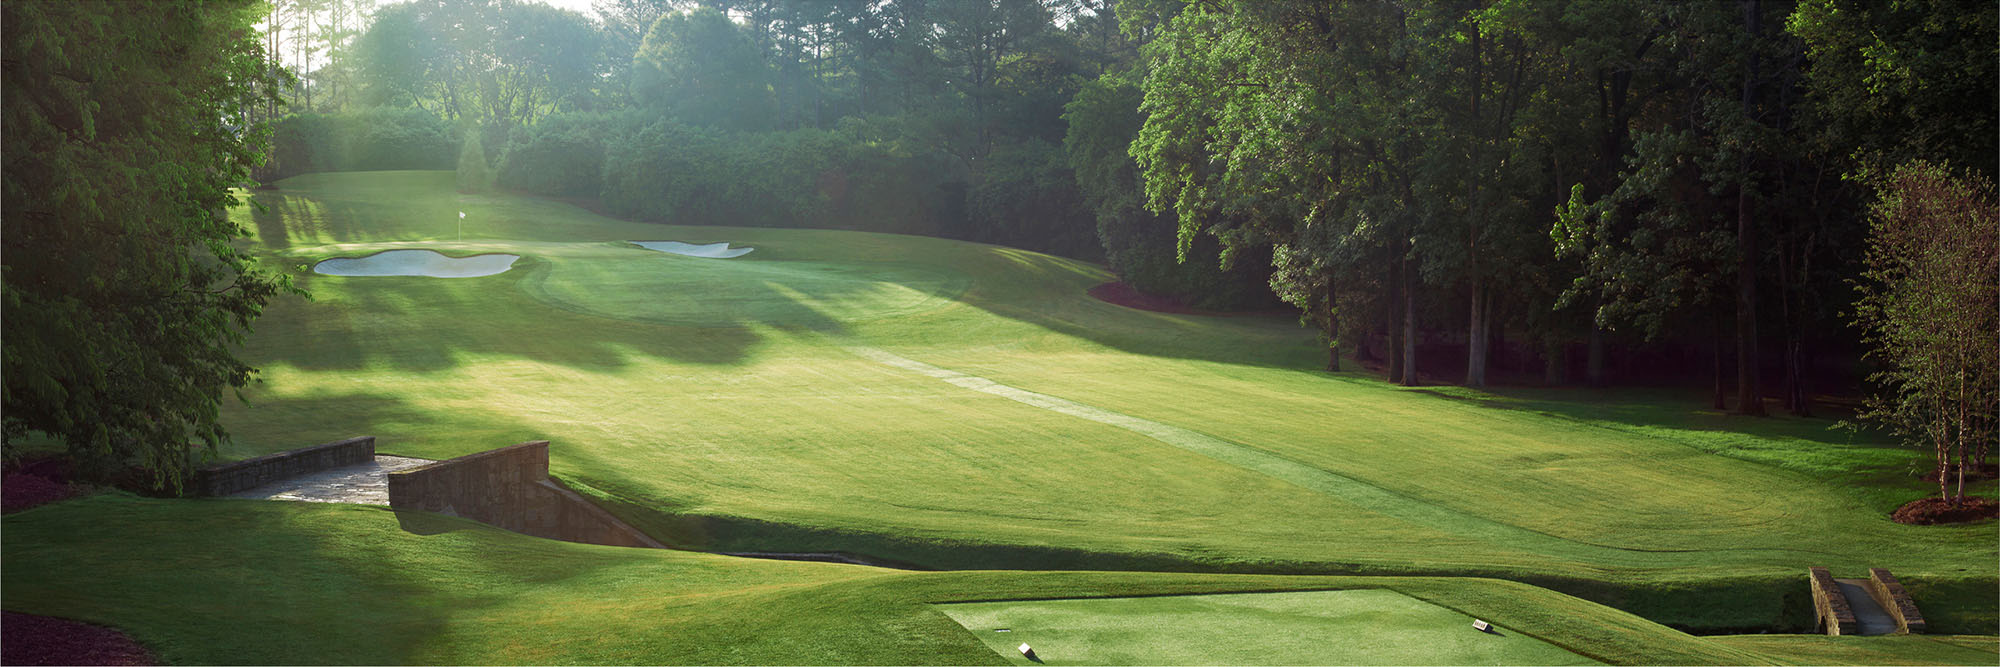 Golf Course Image - Quail Hollow No. 13